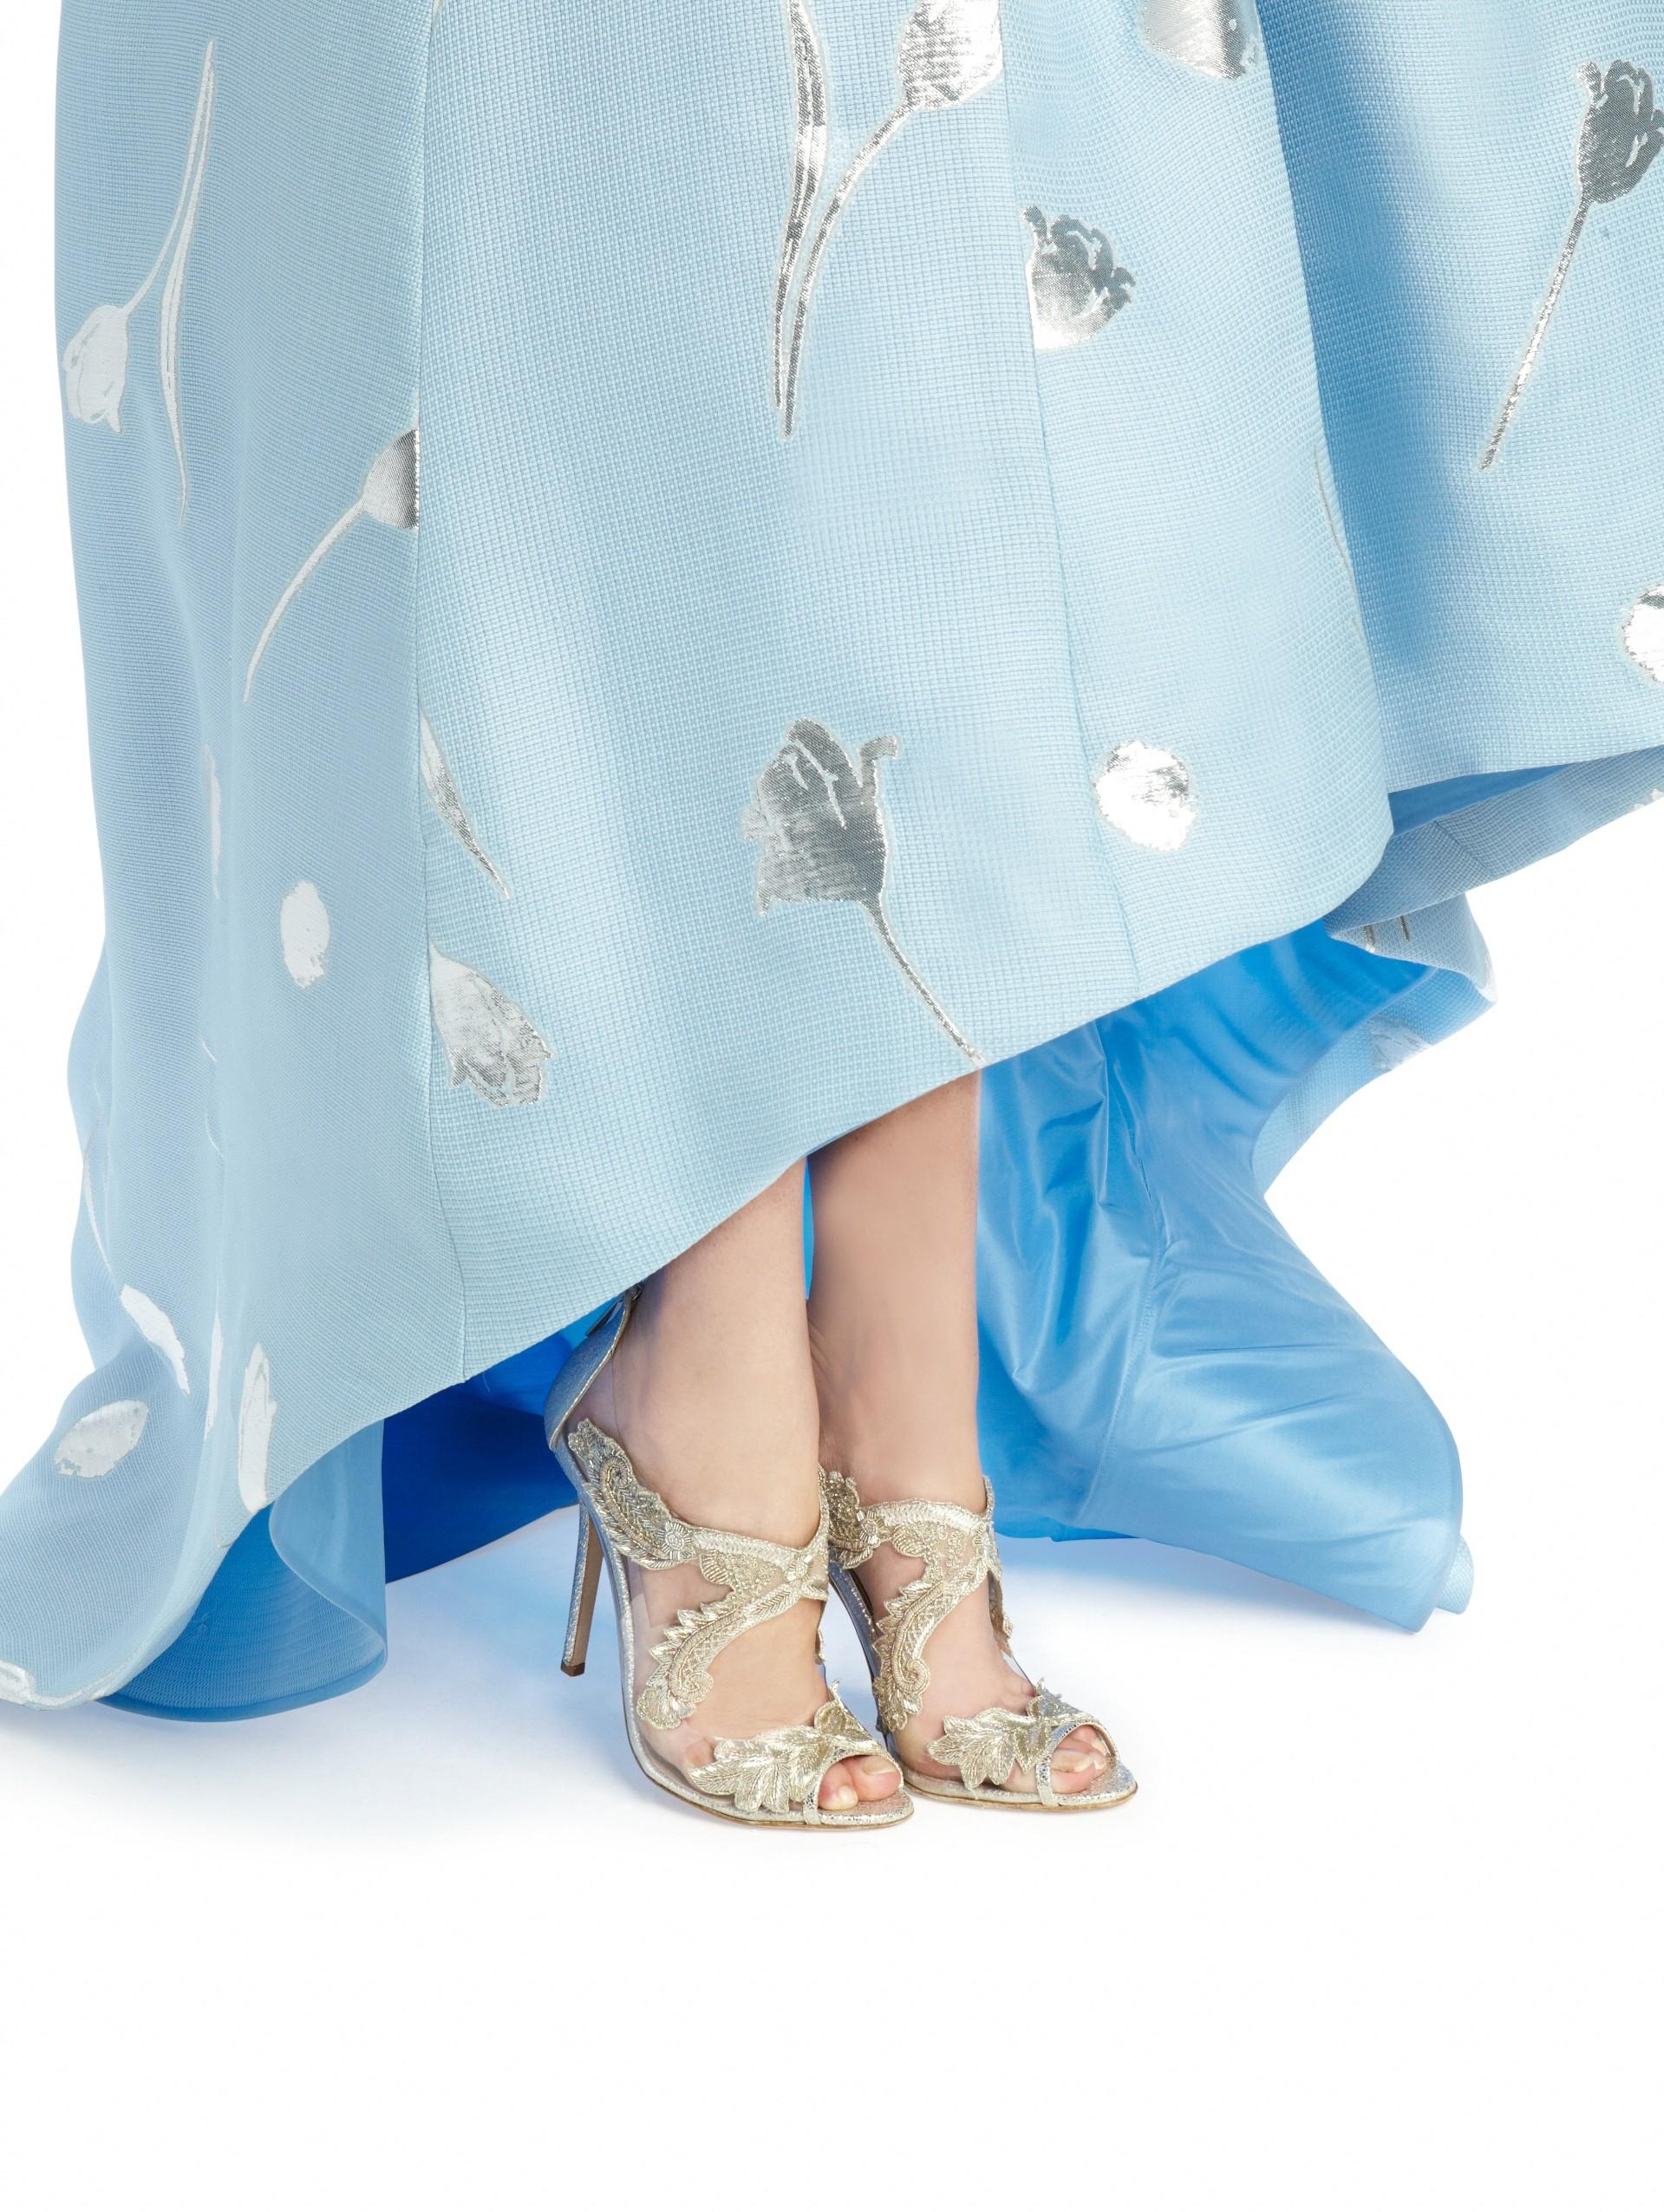 Oscar de la Renta Ambria Embroidered Metallic Peep Toe Sandals G8DSscDI